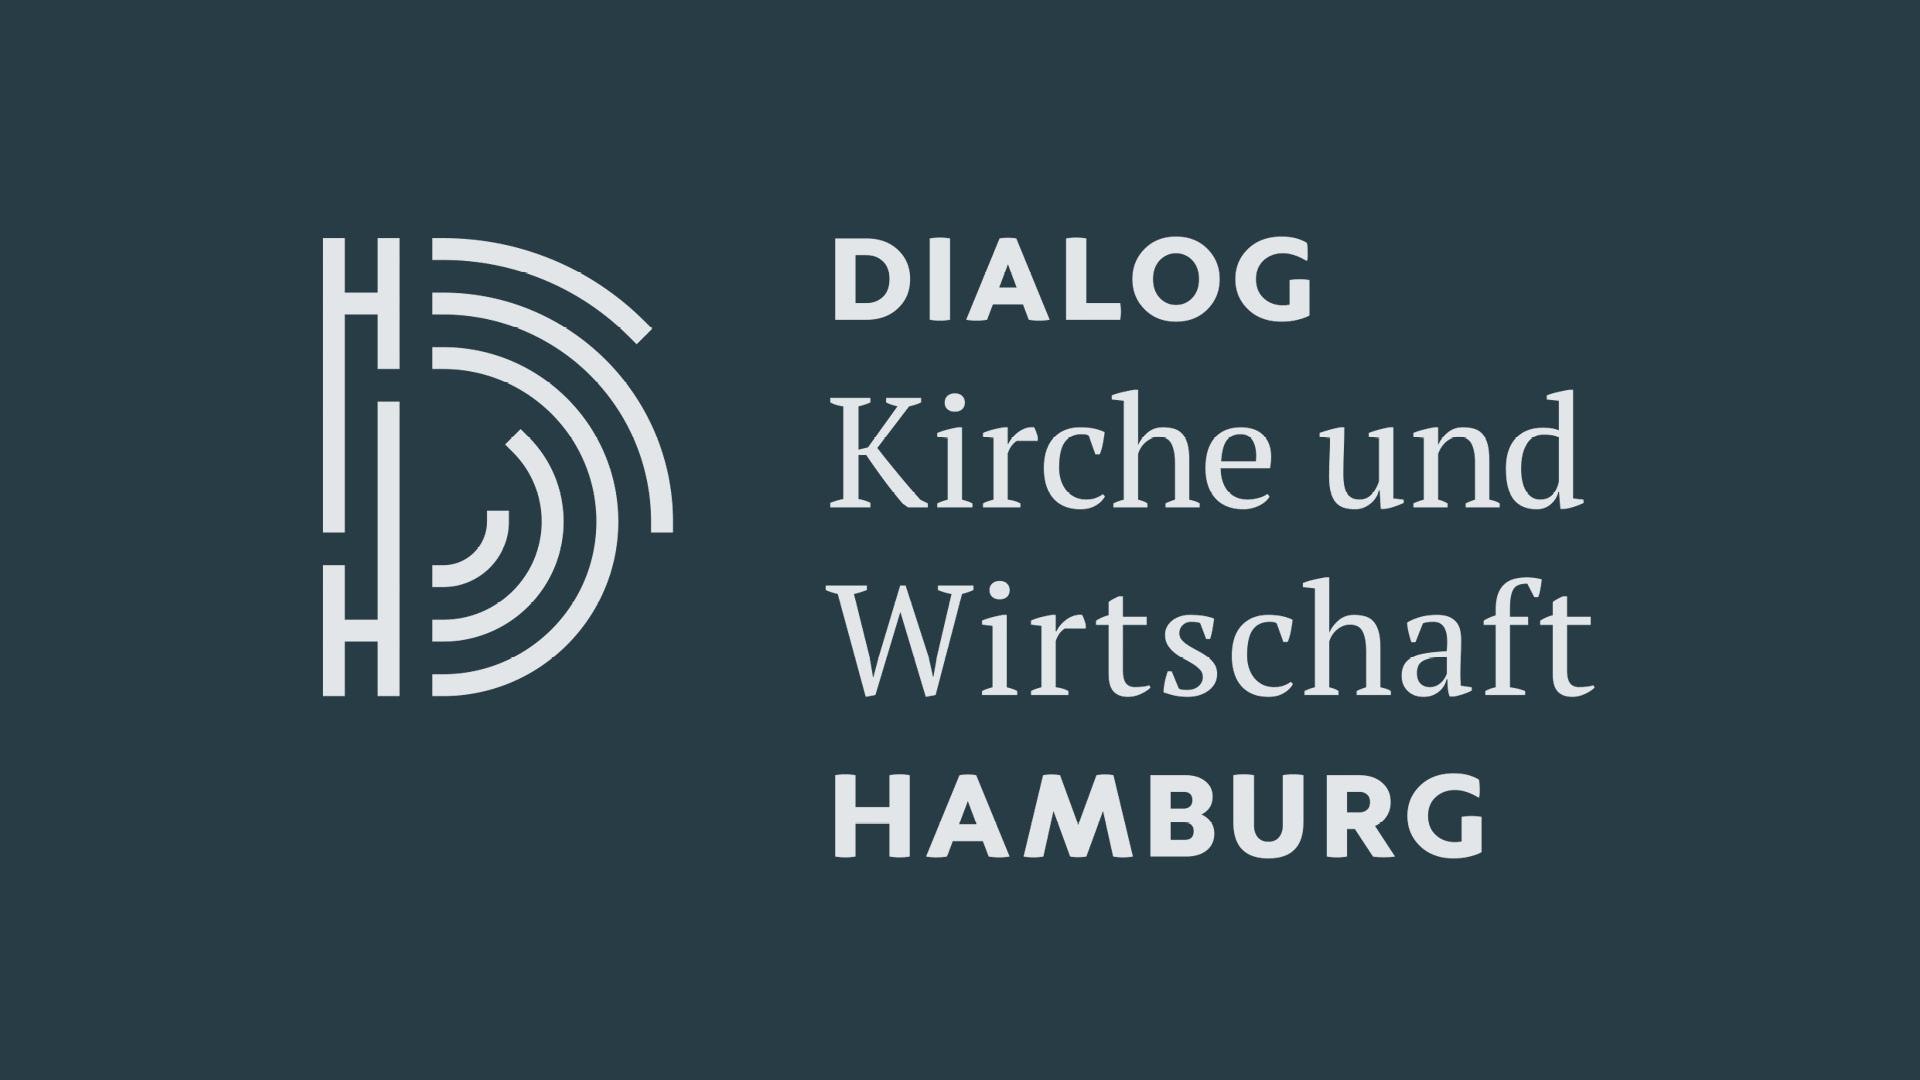 Dialog Kirche und Wirtschaft Hamburg Logodesign ©gobasil GmbH ~ Agentur für Kommunikation, Hamburg Hannover